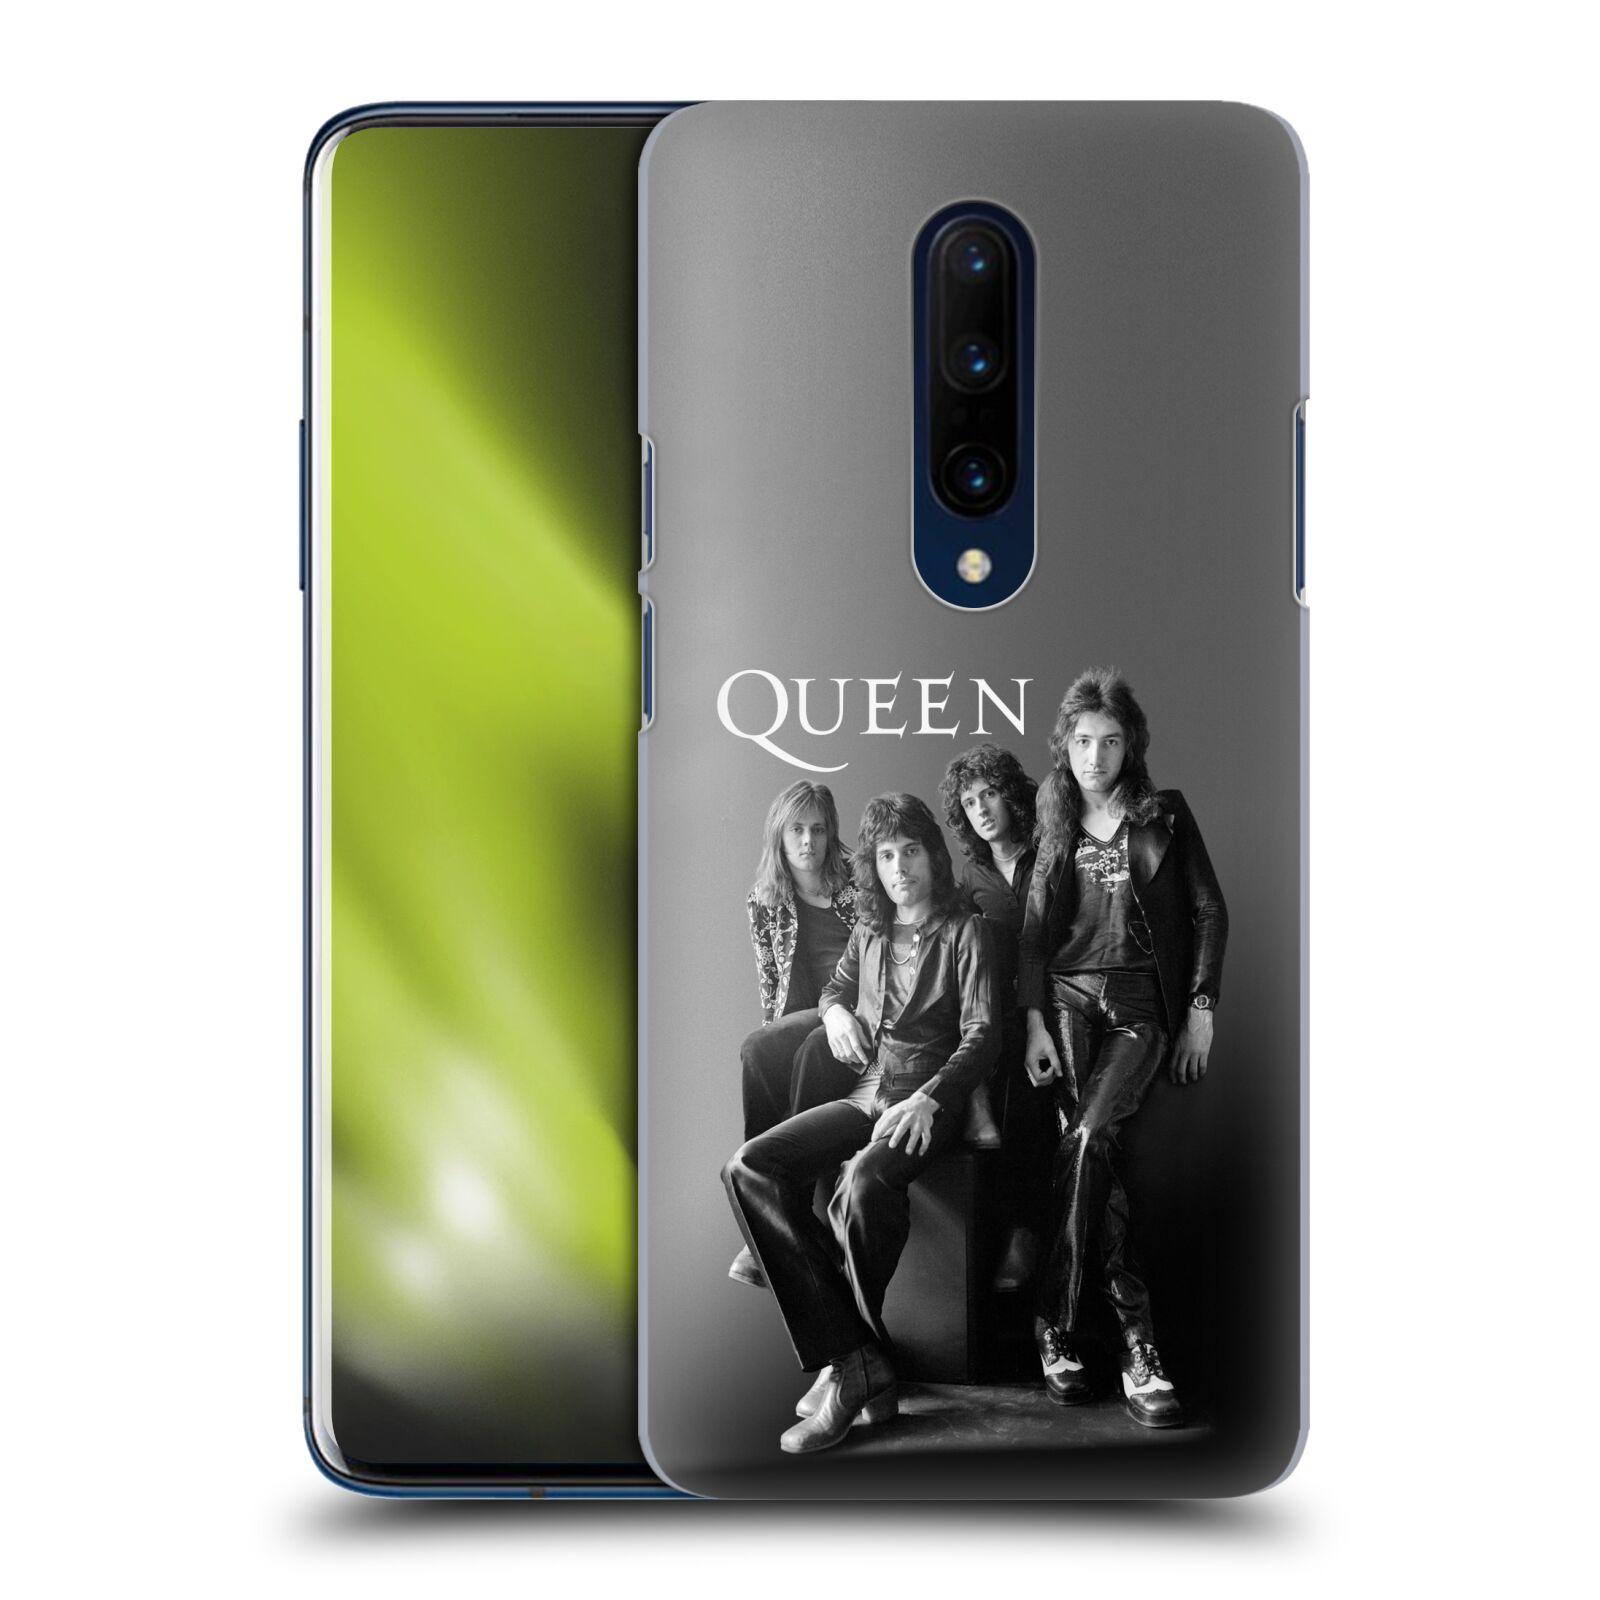 Plastové pouzdro na mobil OnePlus 7 Pro - Head Case - Queen - Skupina